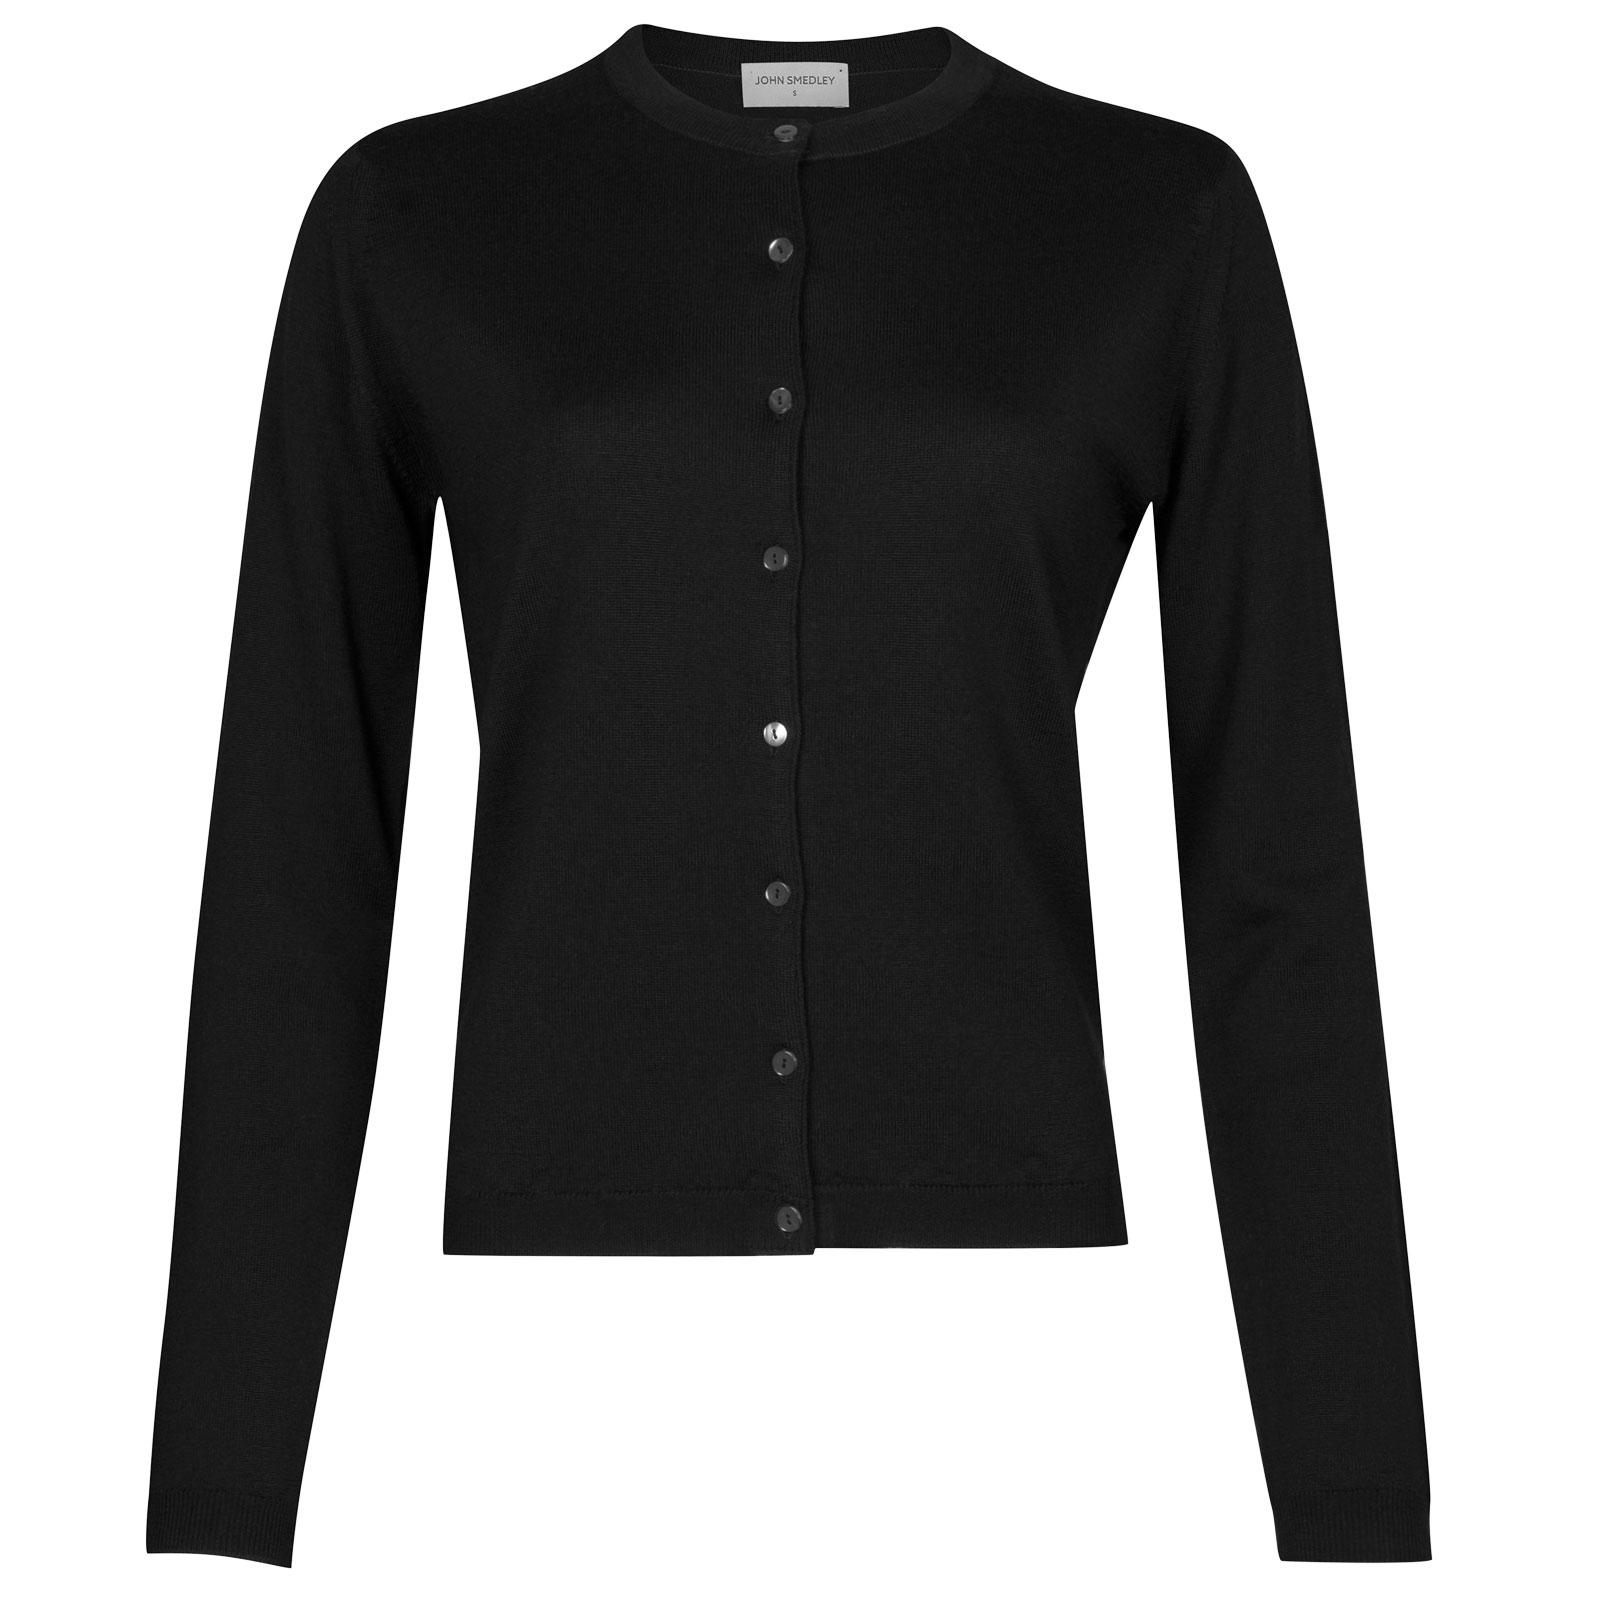 John Smedley willa Merino Wool Cardigan in Black-XL